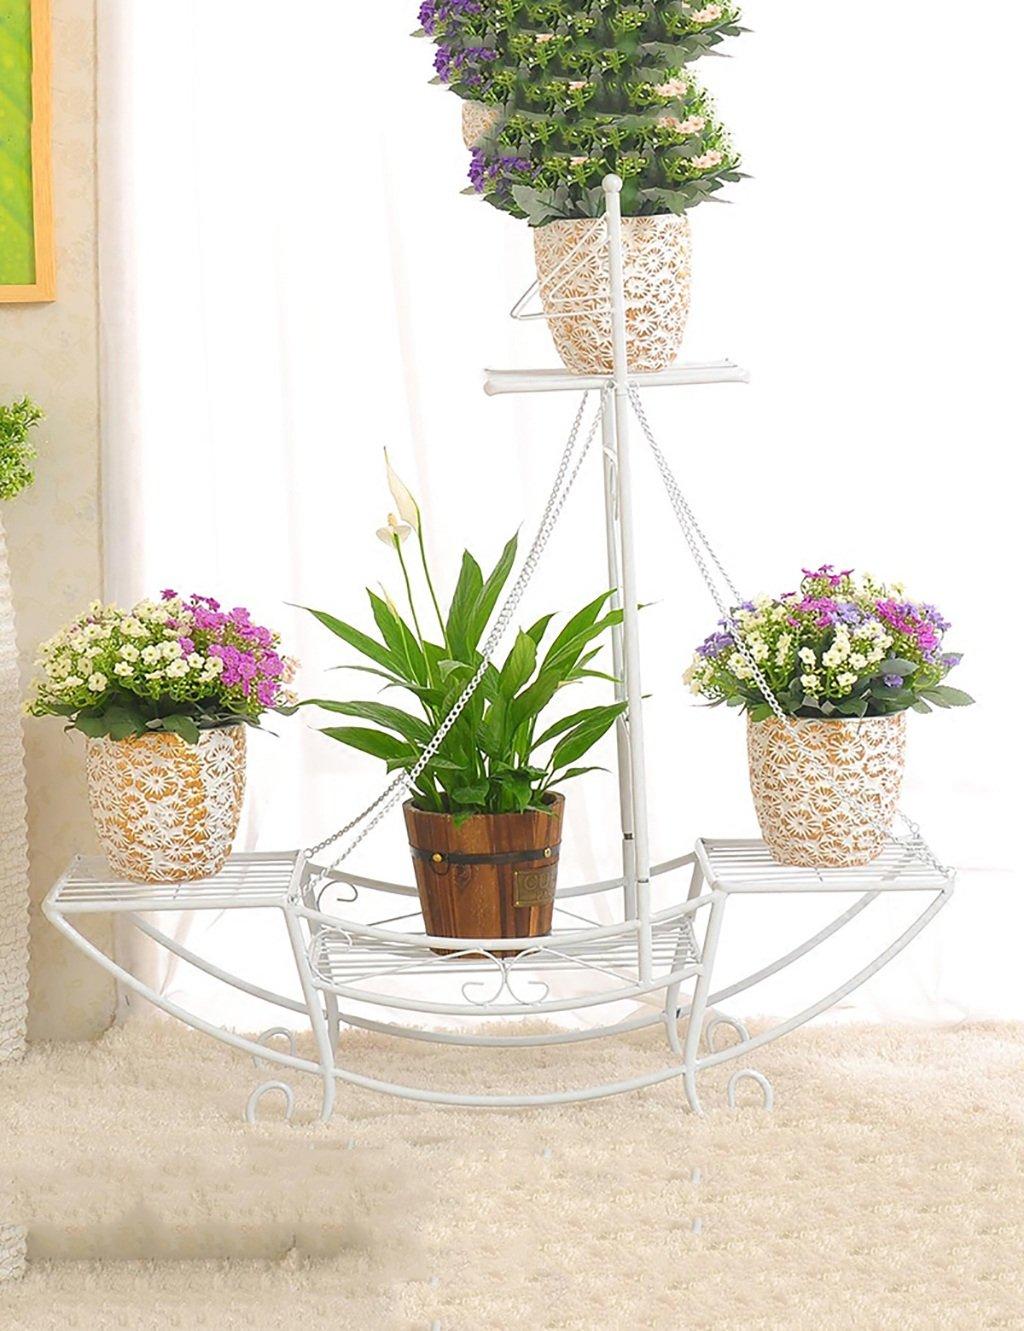 Continental Kreative Eisen  vier Blume einfach Mehrschichtige Leiter Blume Boden Balkon Blumentopf Regal Einfache moderne Wohnzimmer Innenraum Blume ( farbe : B )